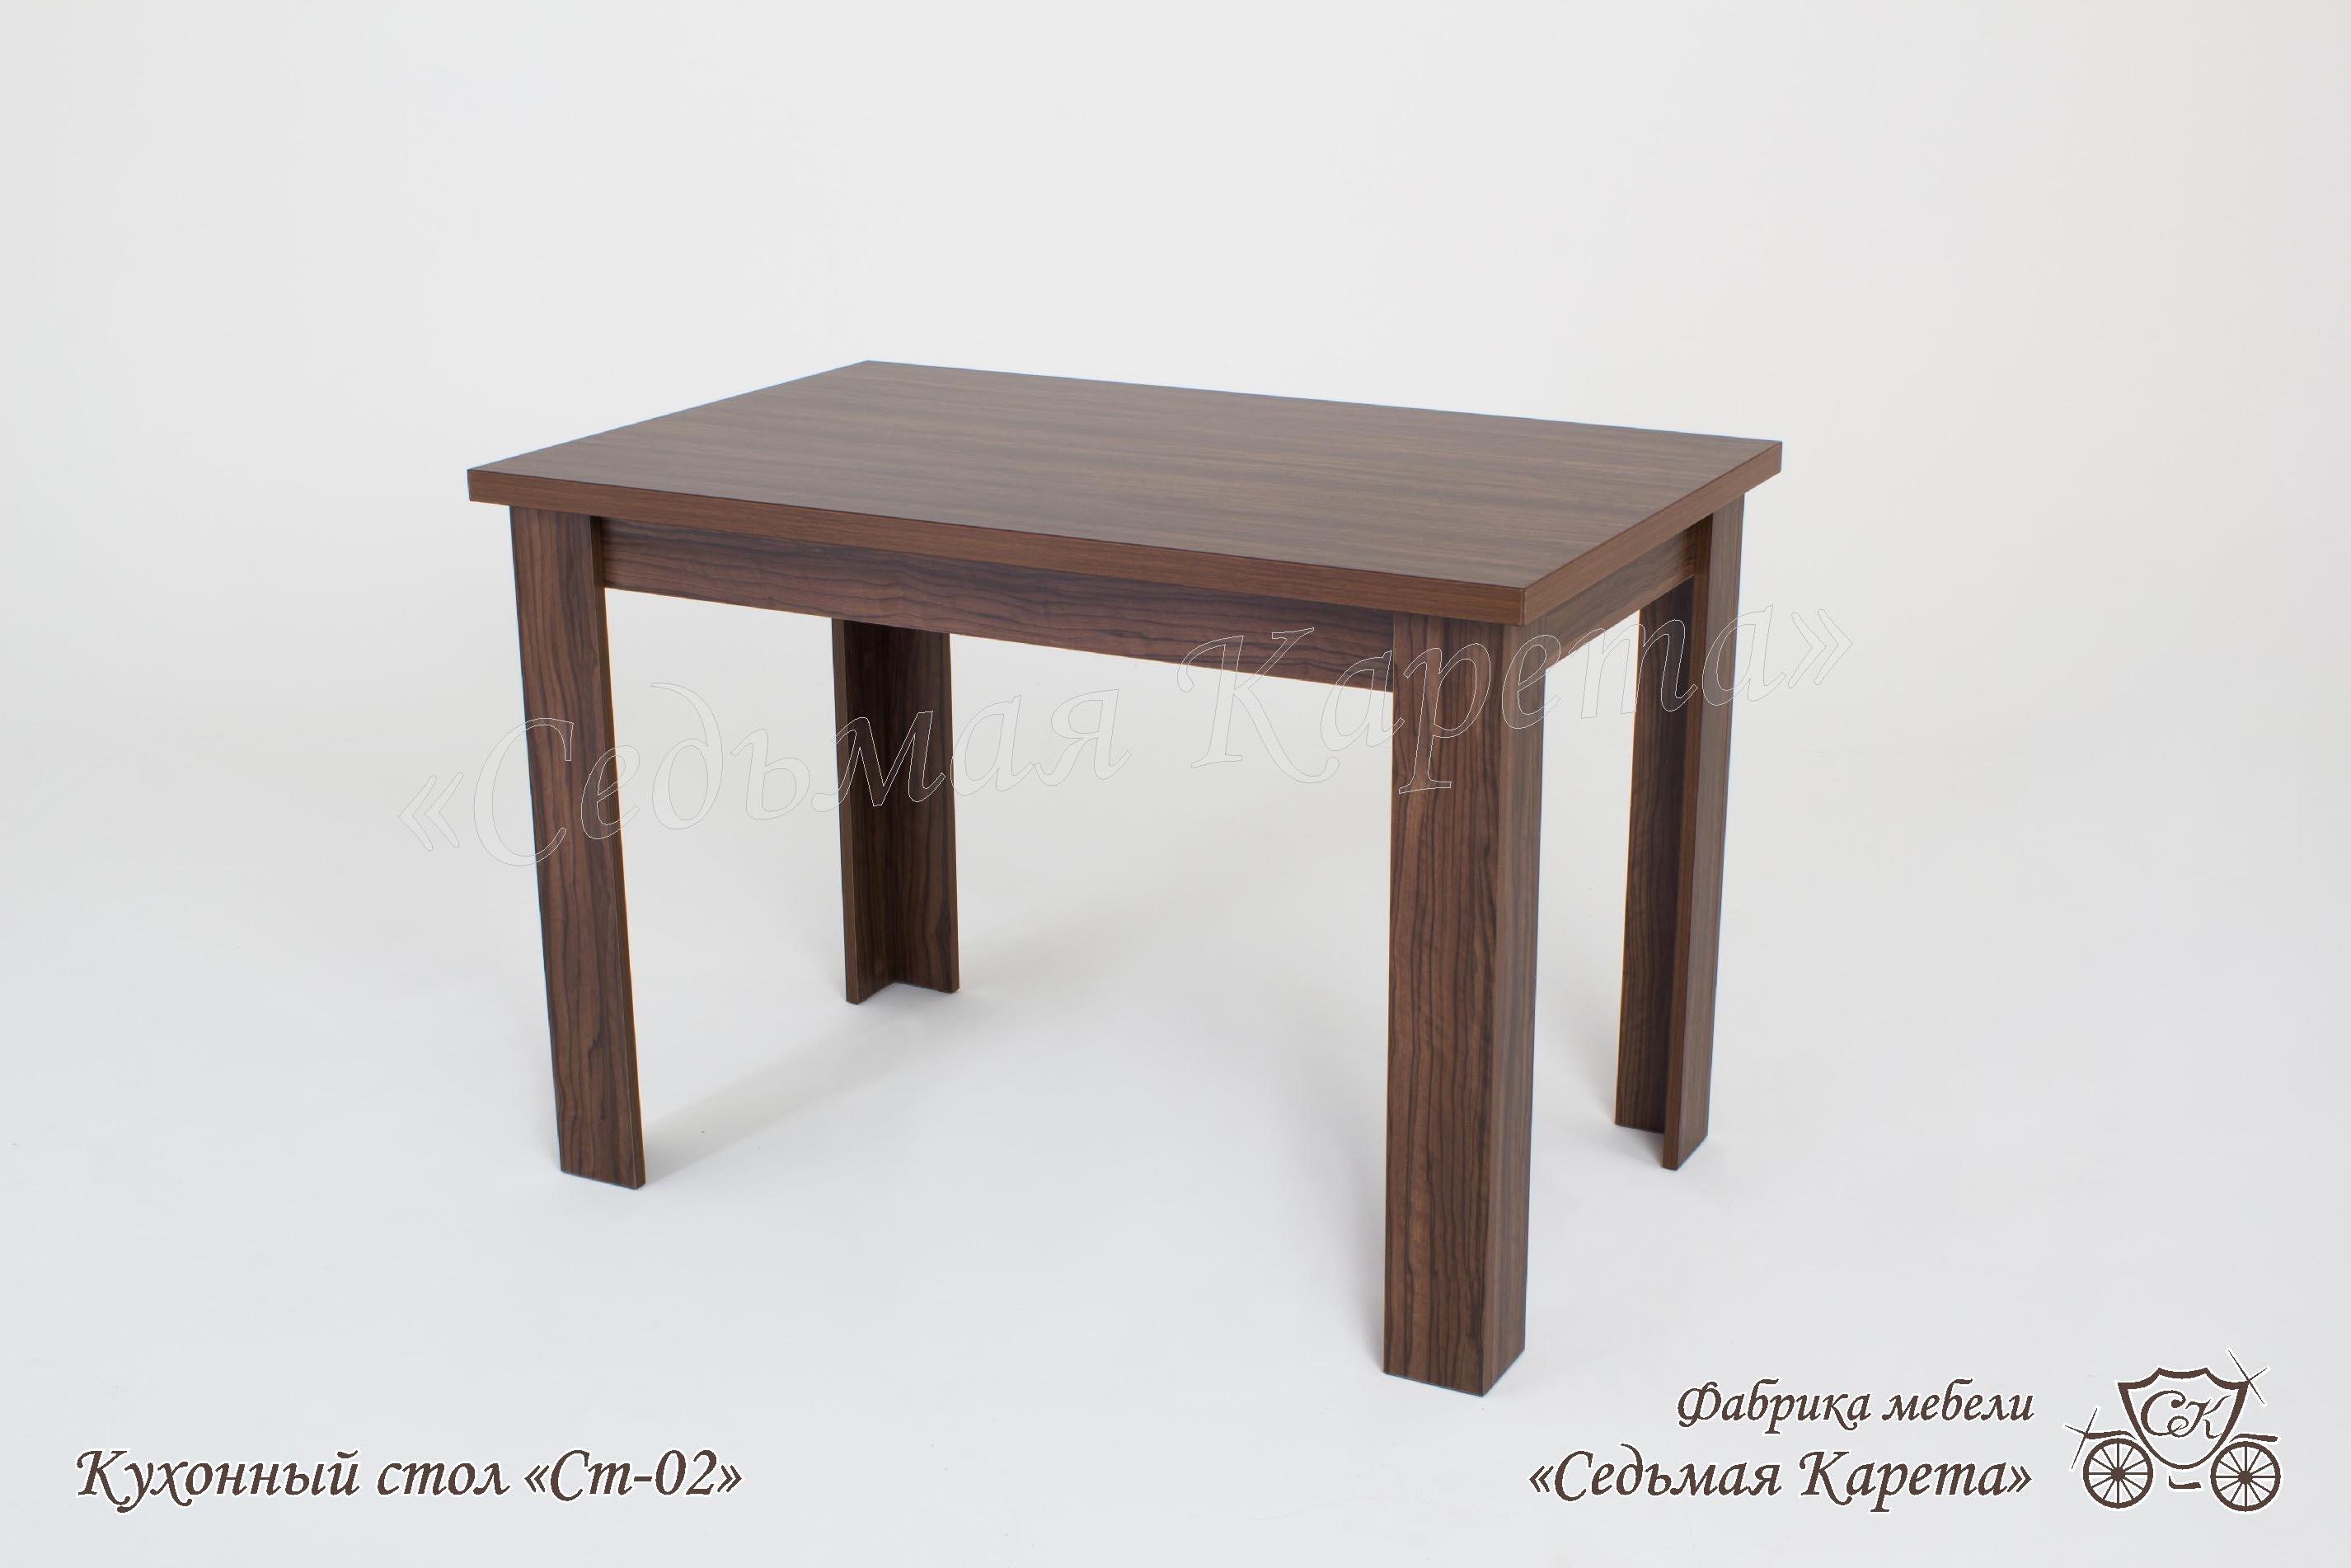 Кухонный стол Ст-02